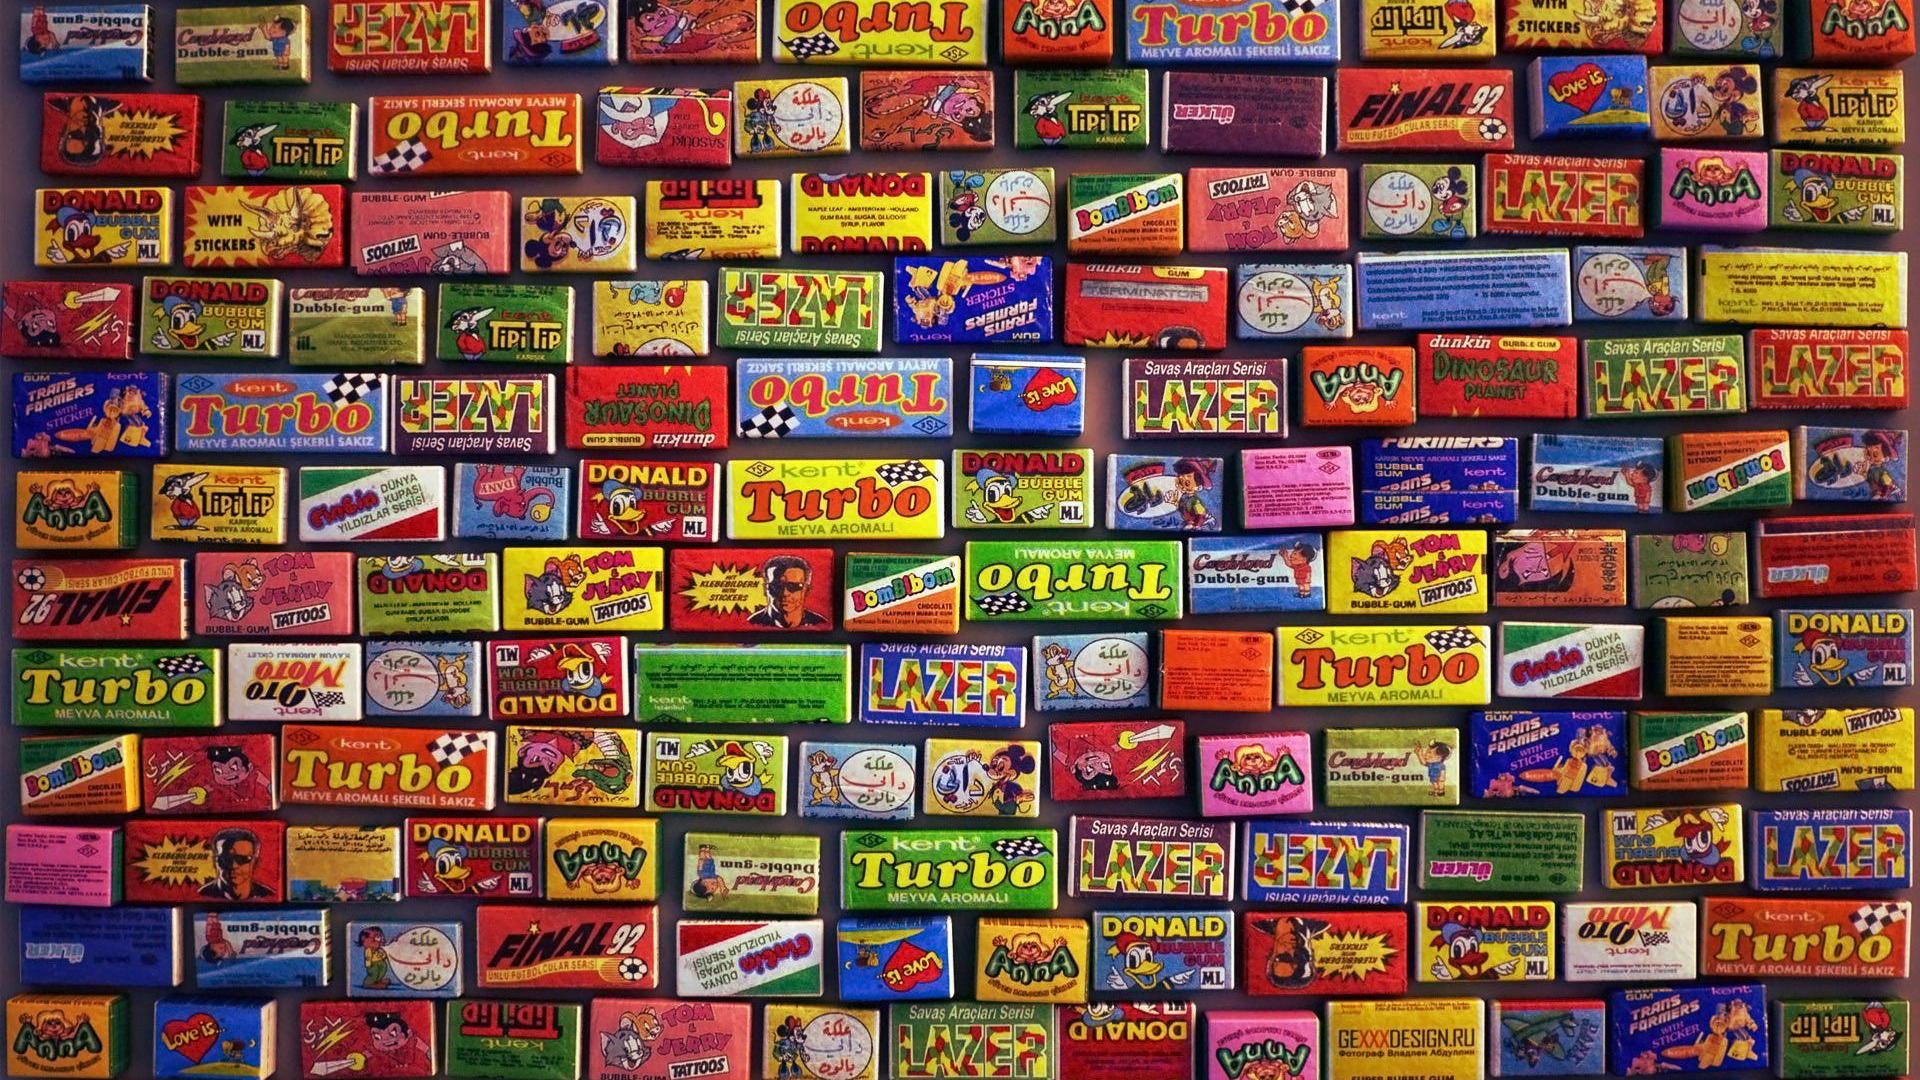 Free Download Hd Wallpaper Of Gum 90s Image Of Love Is Donald Imagebankbiz 1920x1200 For Your Desktop Mobile Tablet Explore 47 90s Desktop Wallpaper 80s Wallpaper 80s Desktop Wallpaper